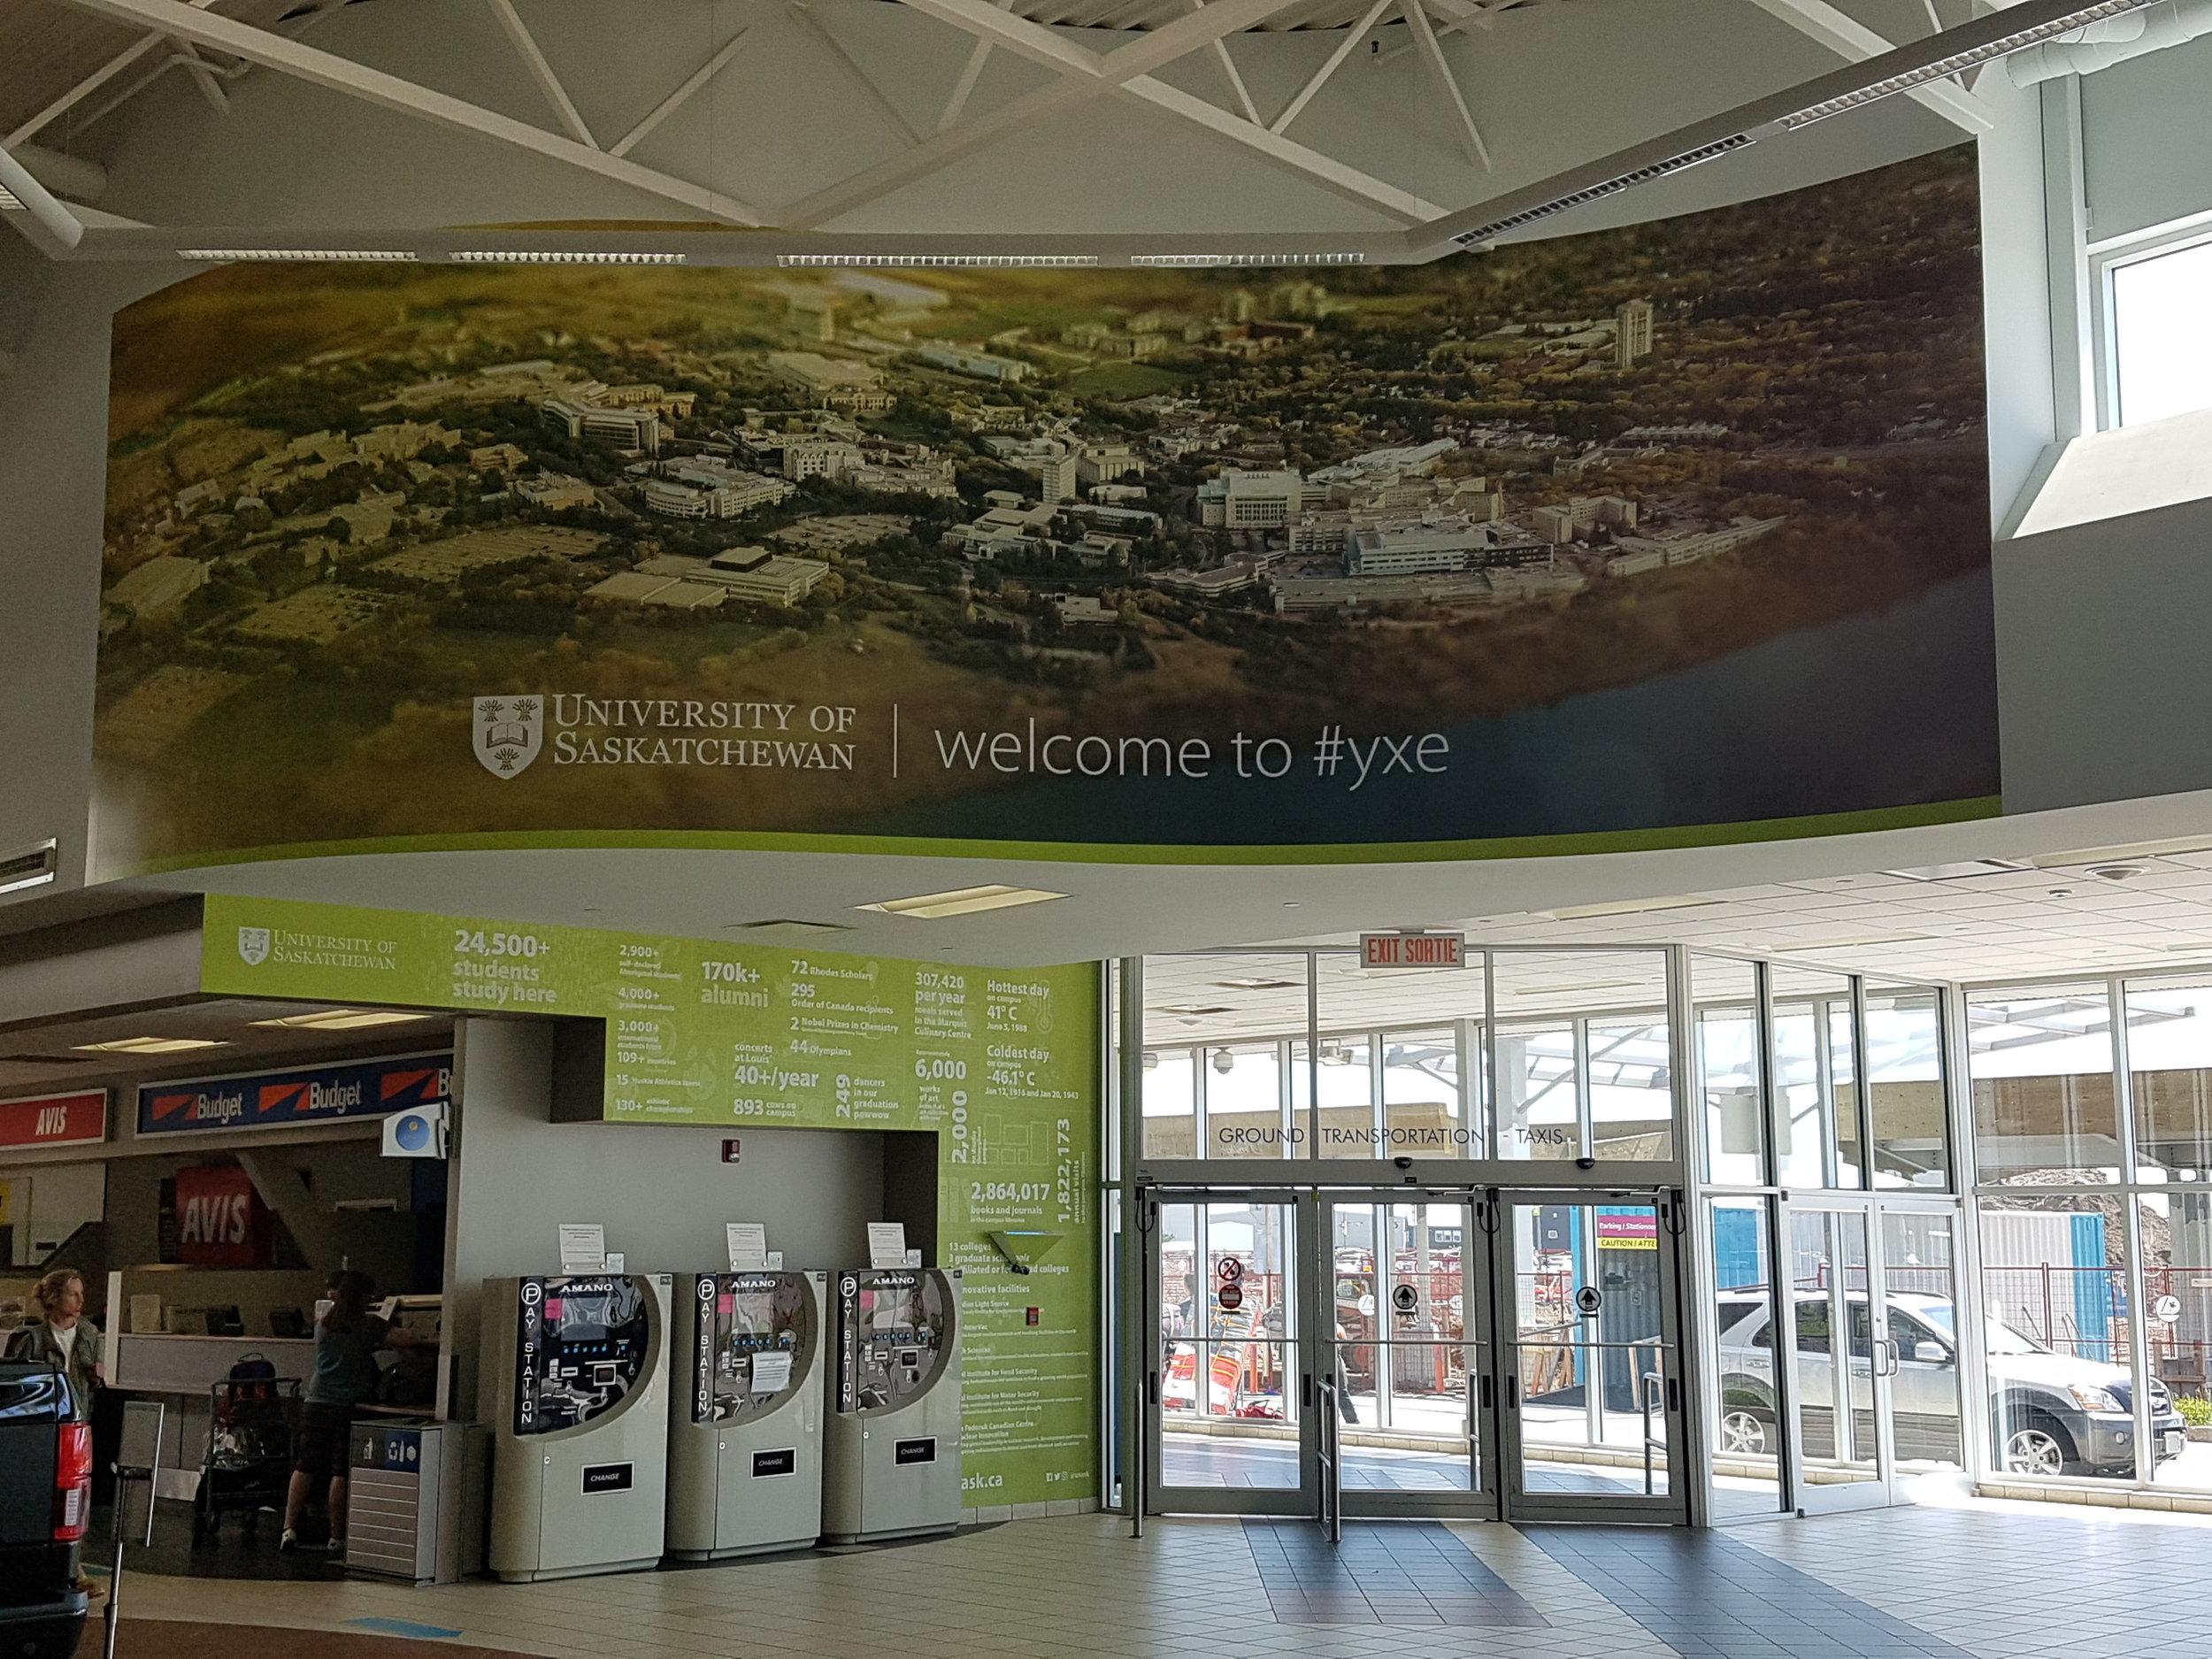 University of Saskatchewan, SKYXE Airport Saskatoon